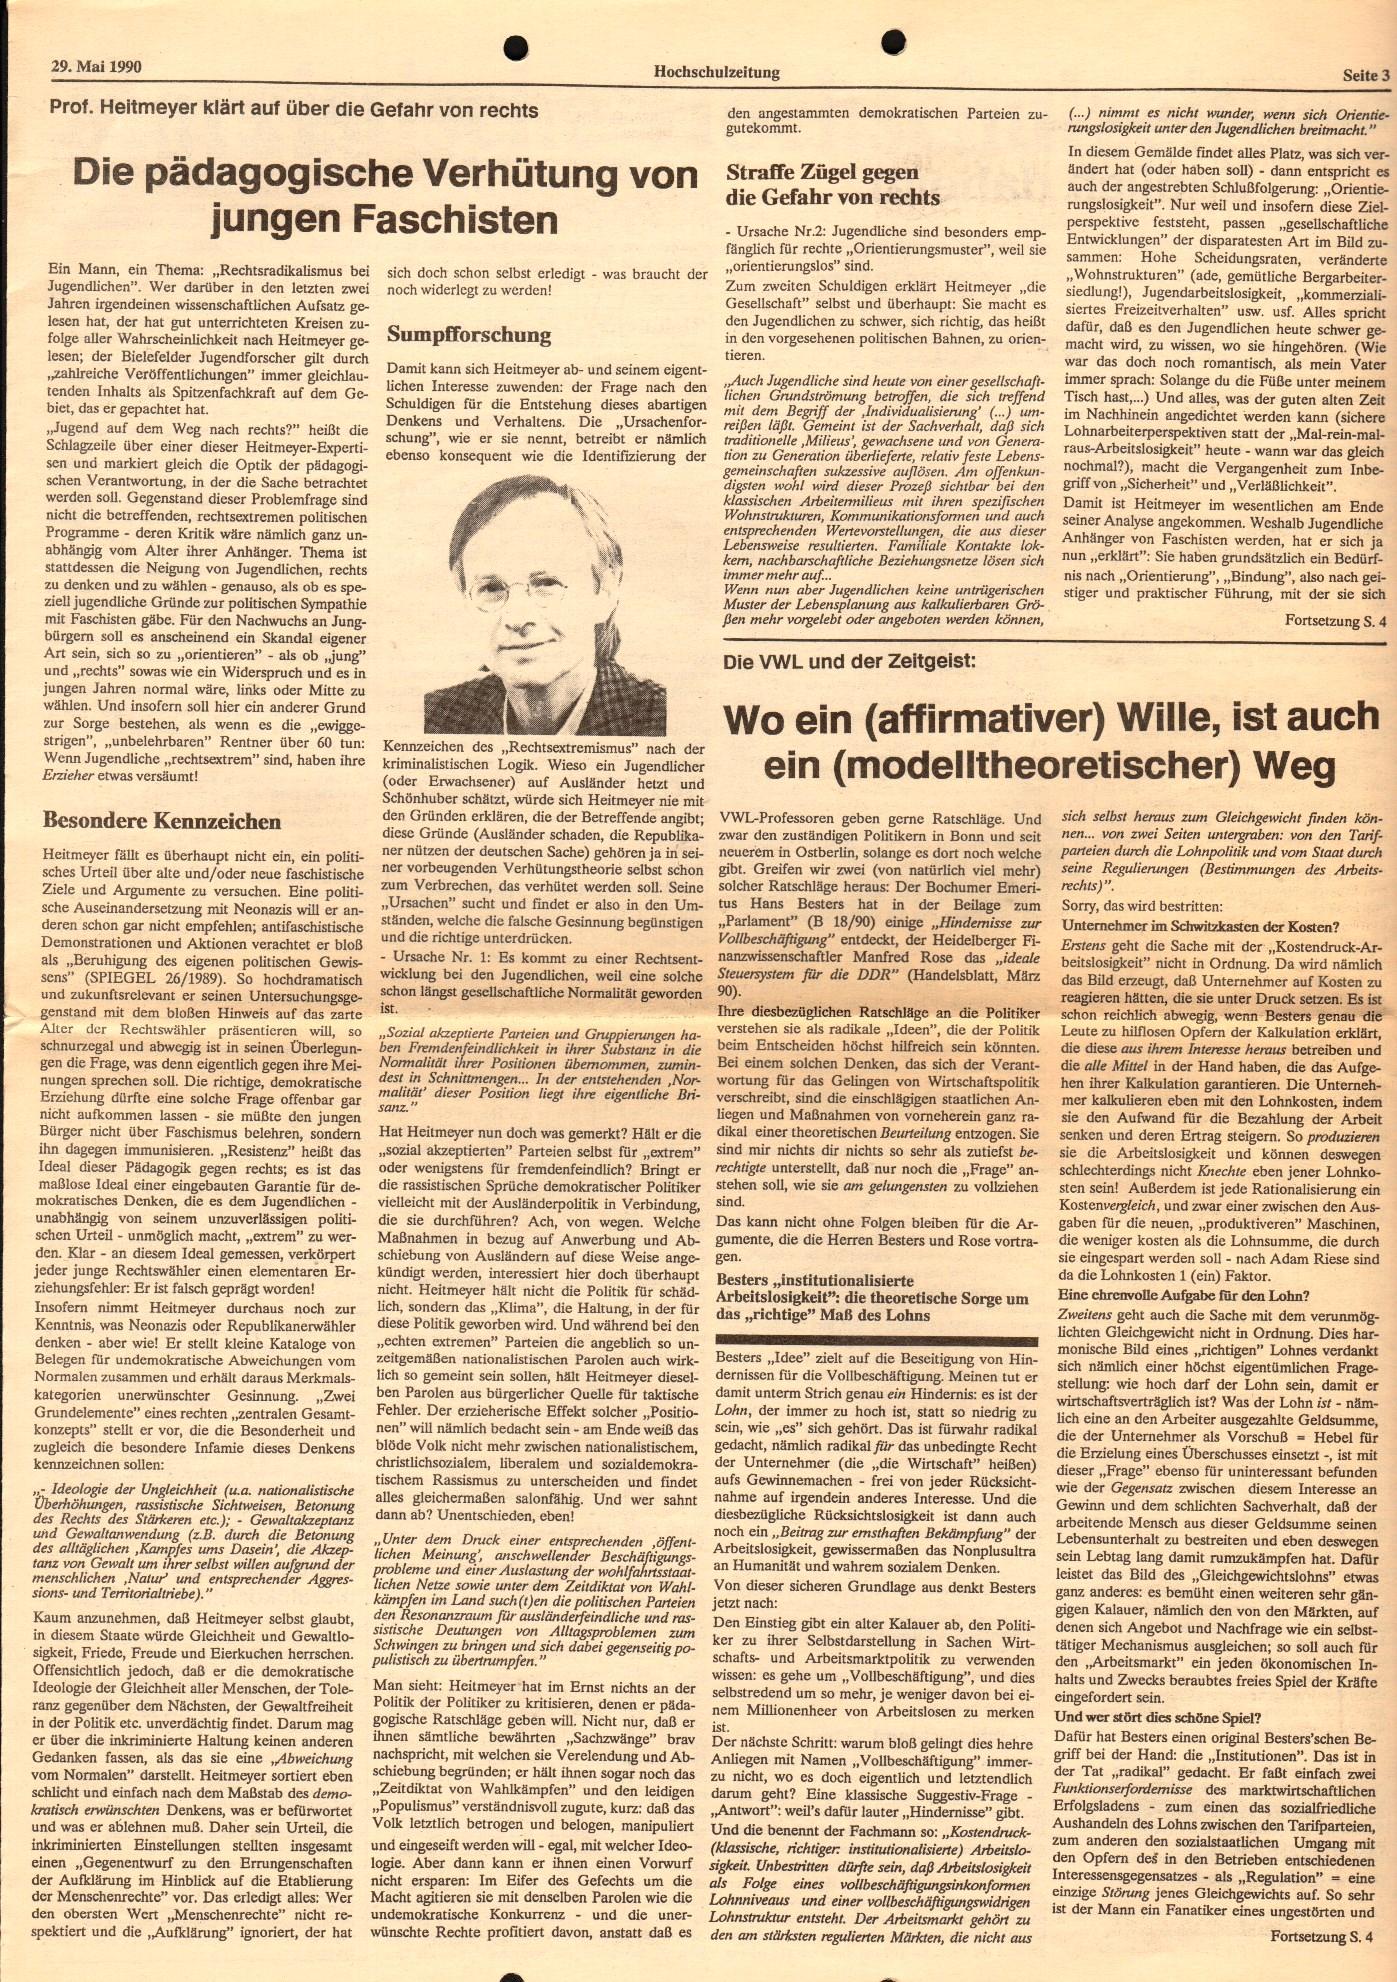 Ruhrgebiet_MG_Marxistische_Hochschulzeitung_19900529_03